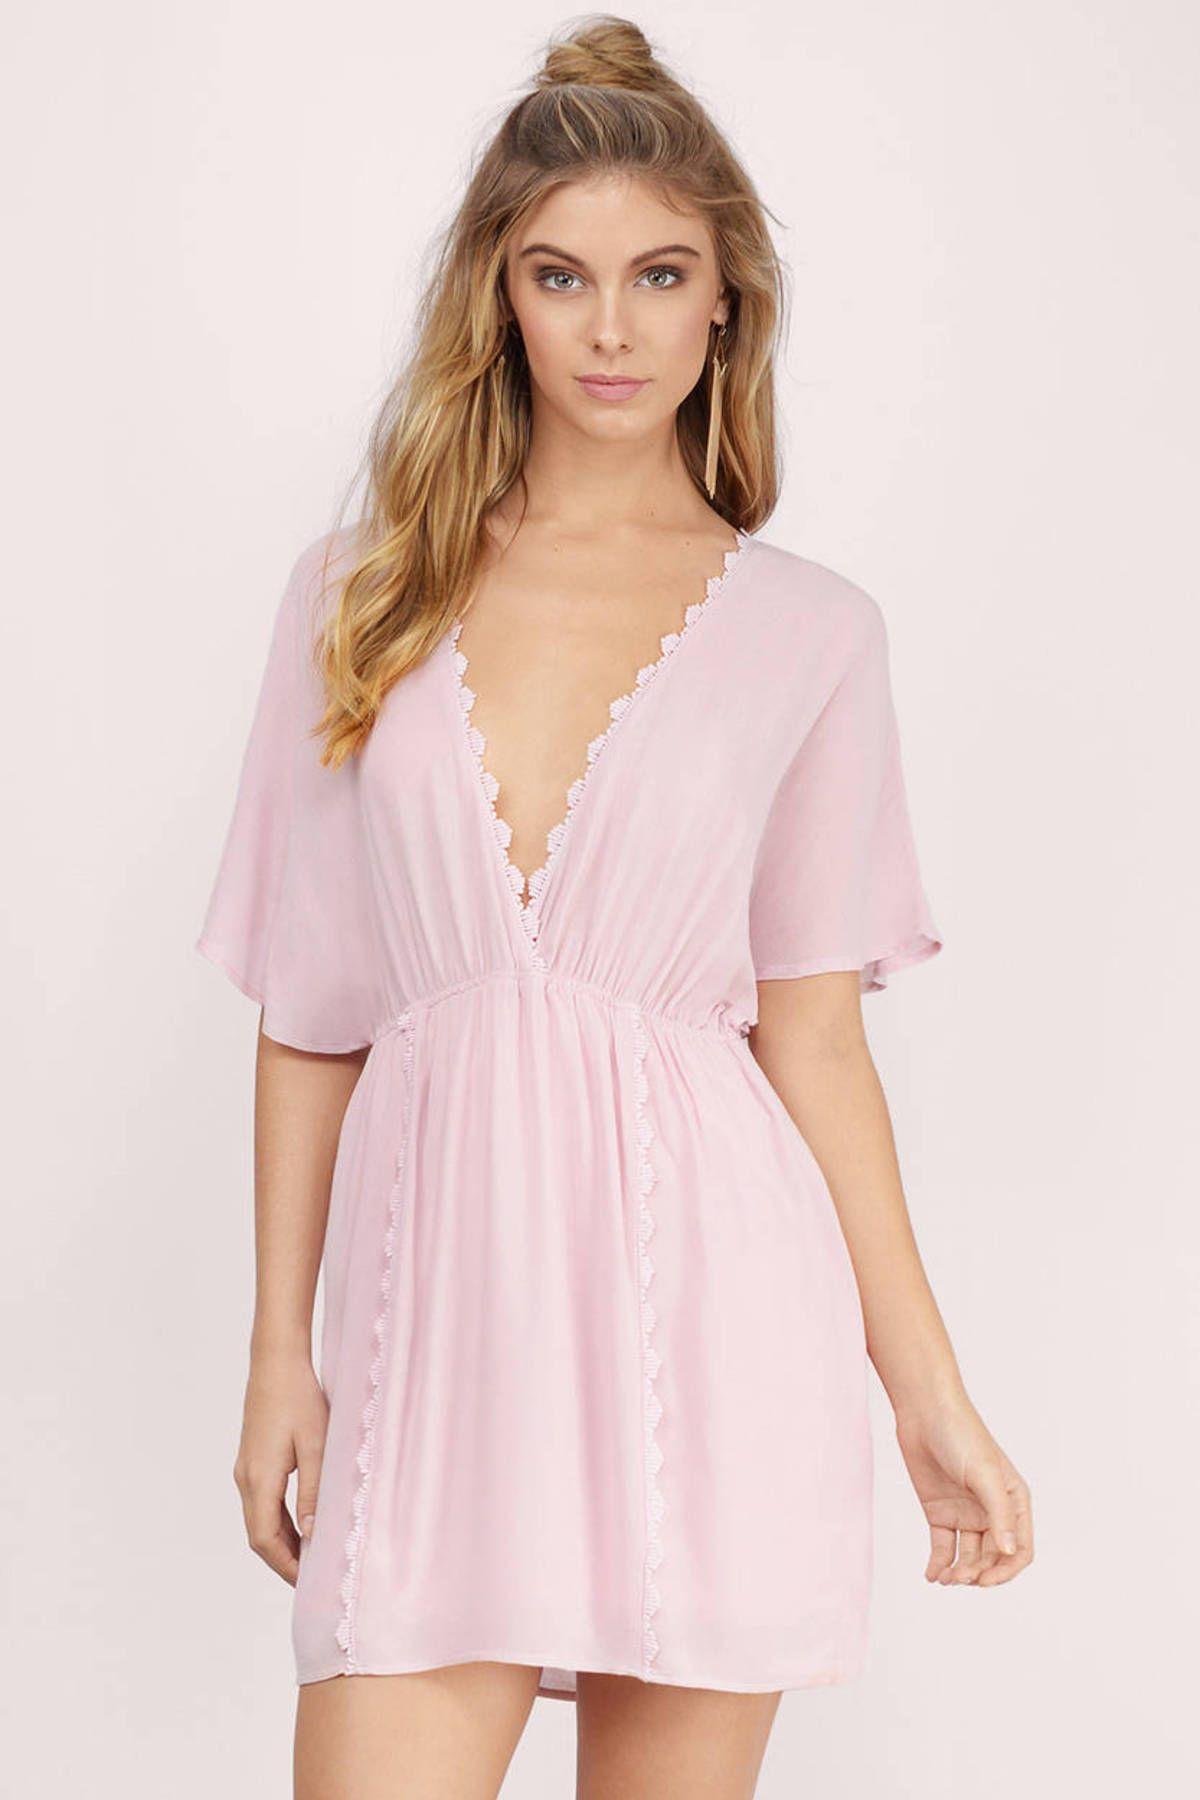 Jayda cover up dress at tobi shoptobi fancy af pinterest